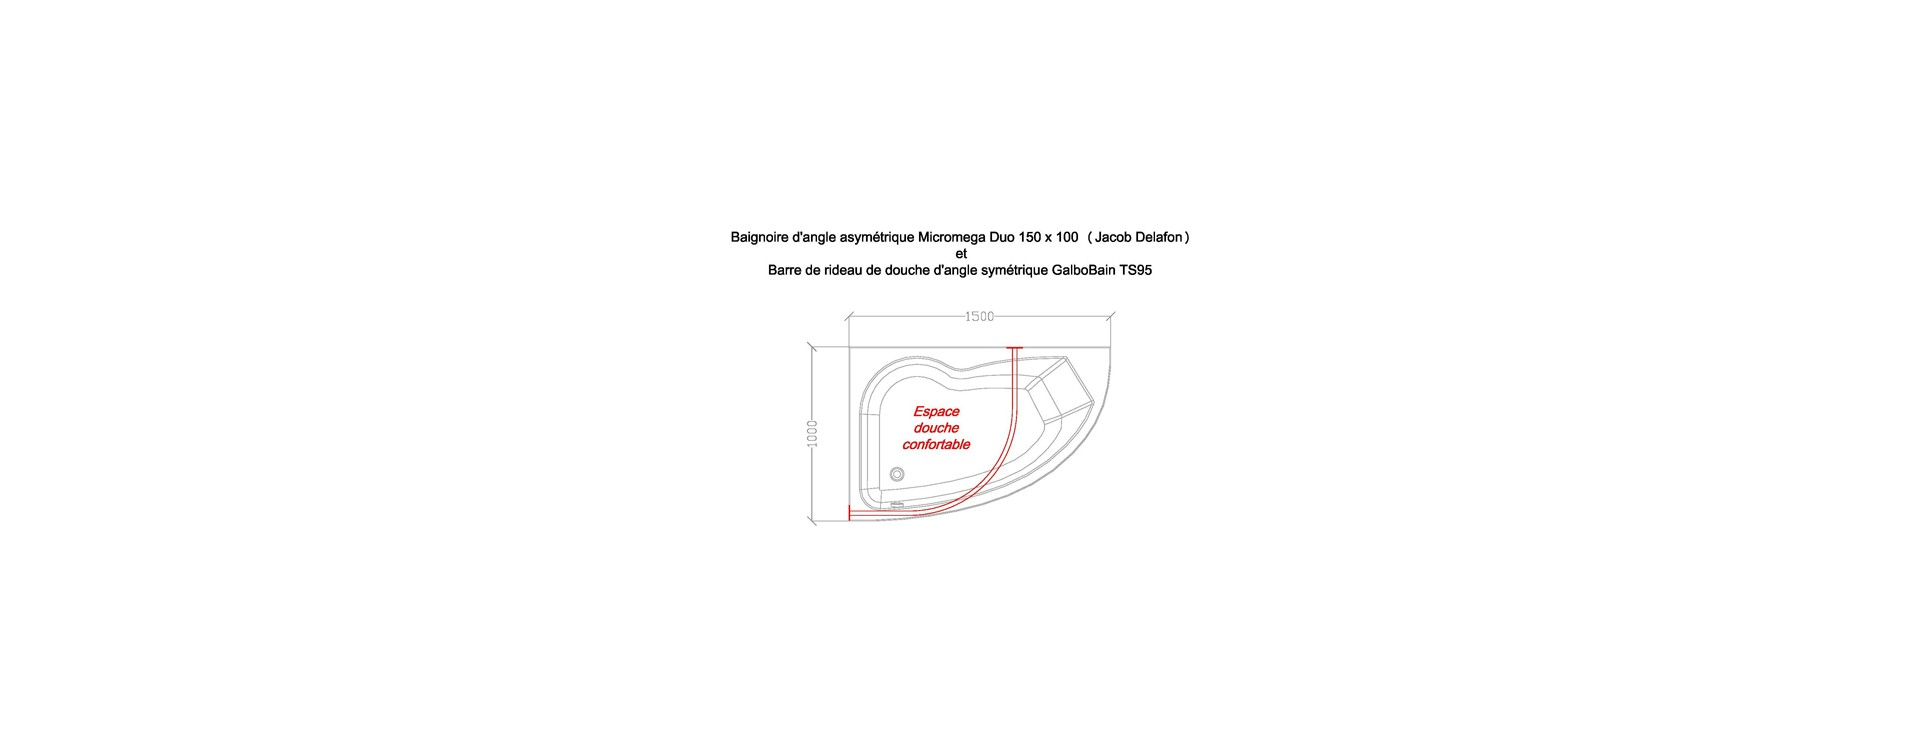 Baignoire asym trique micromega duo de jacob delafon et cabine de douche d 39 angle sym trique - Barre de baignoire d angle ...